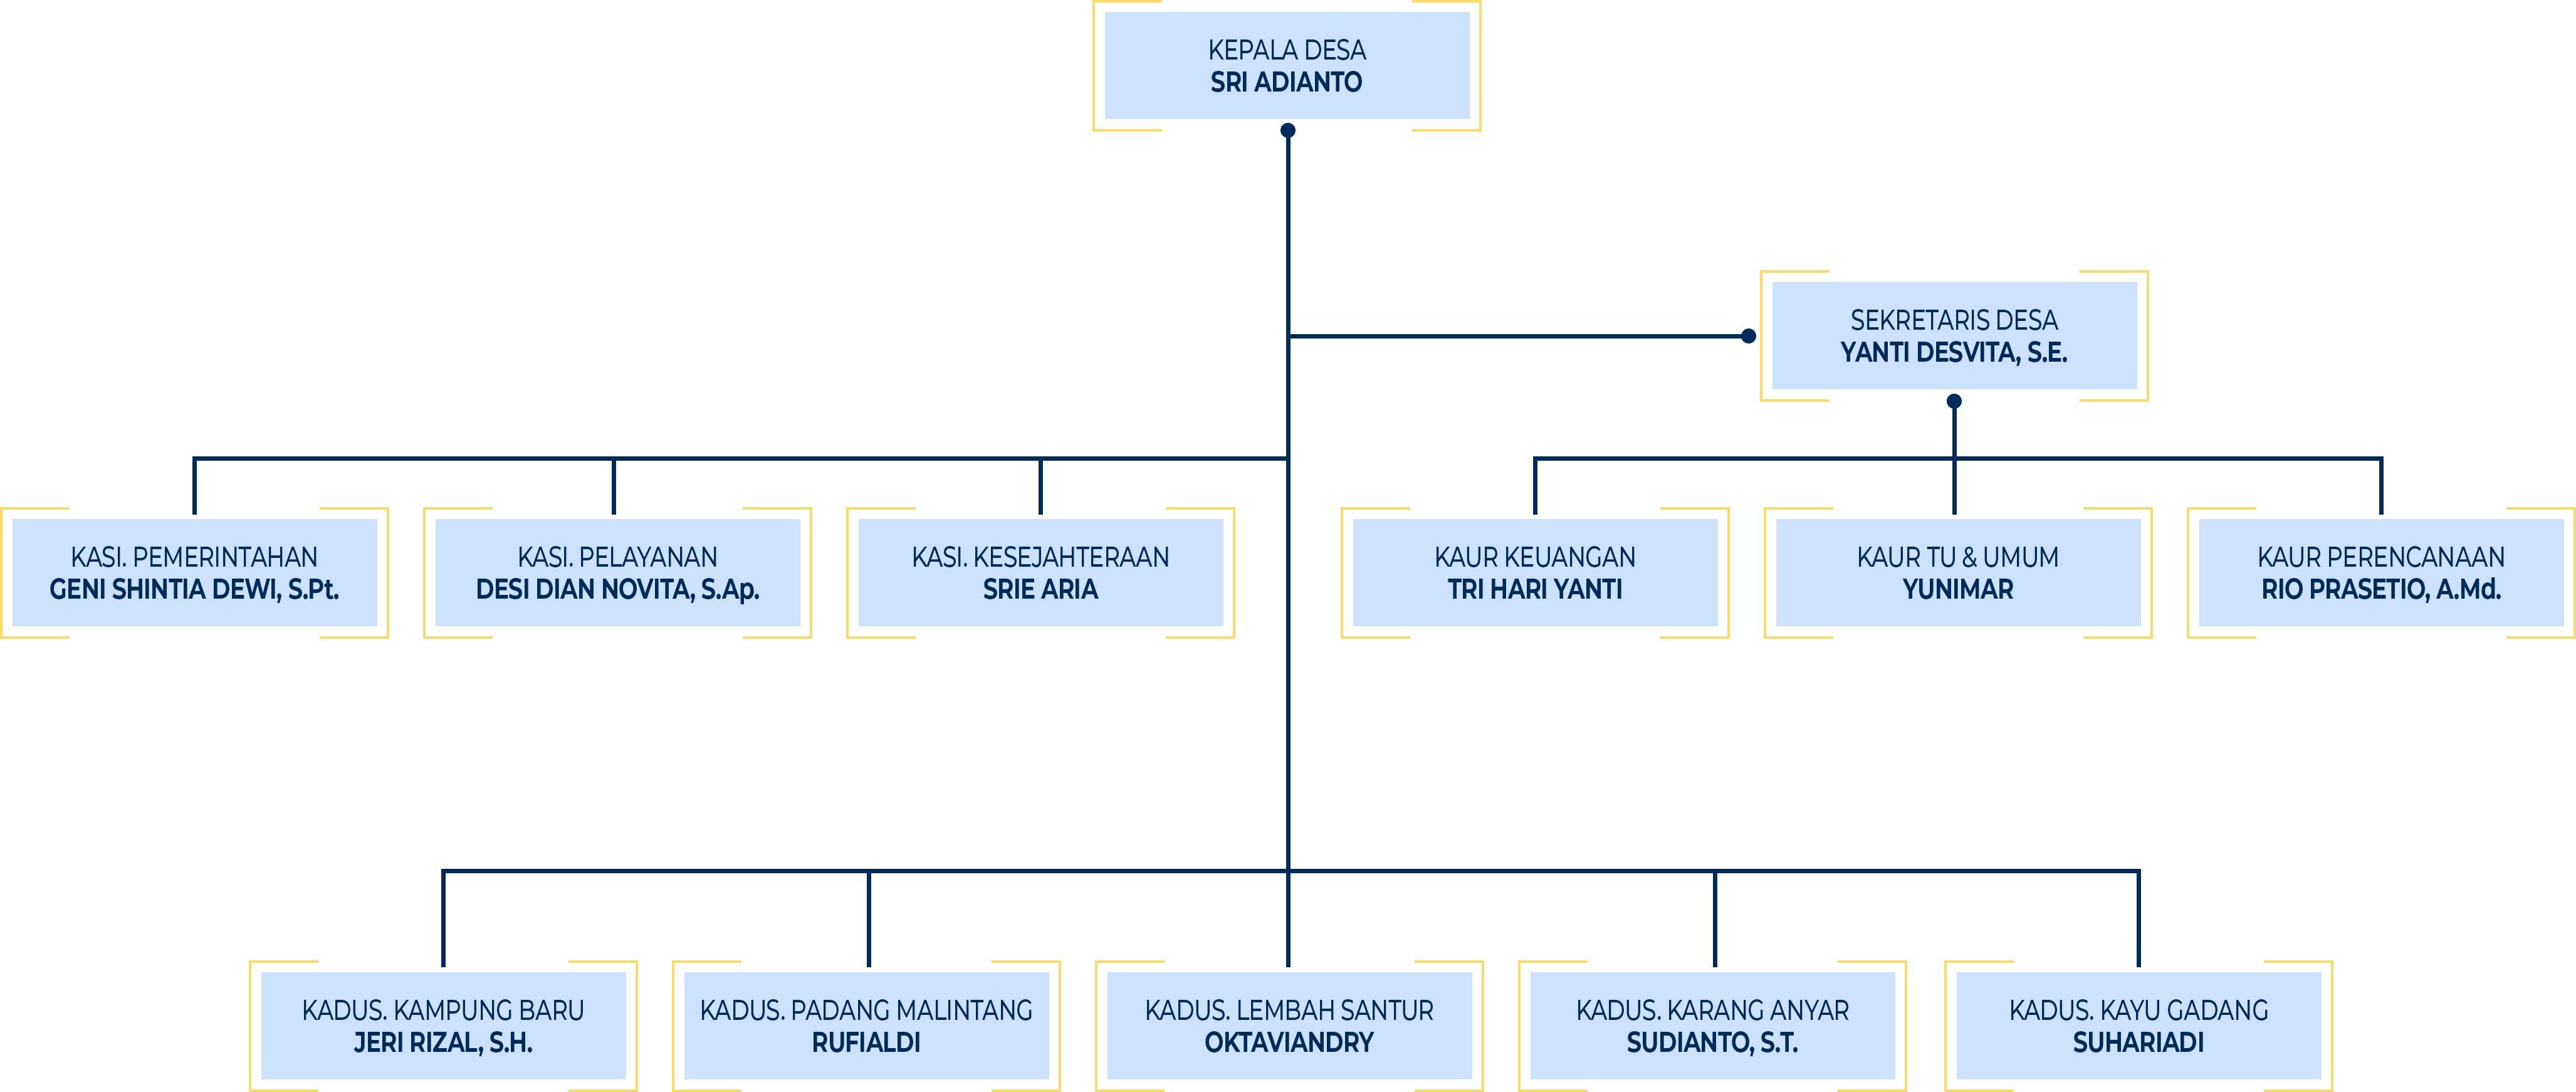 Struktur Organisasi Pemerintahan Desa Santur